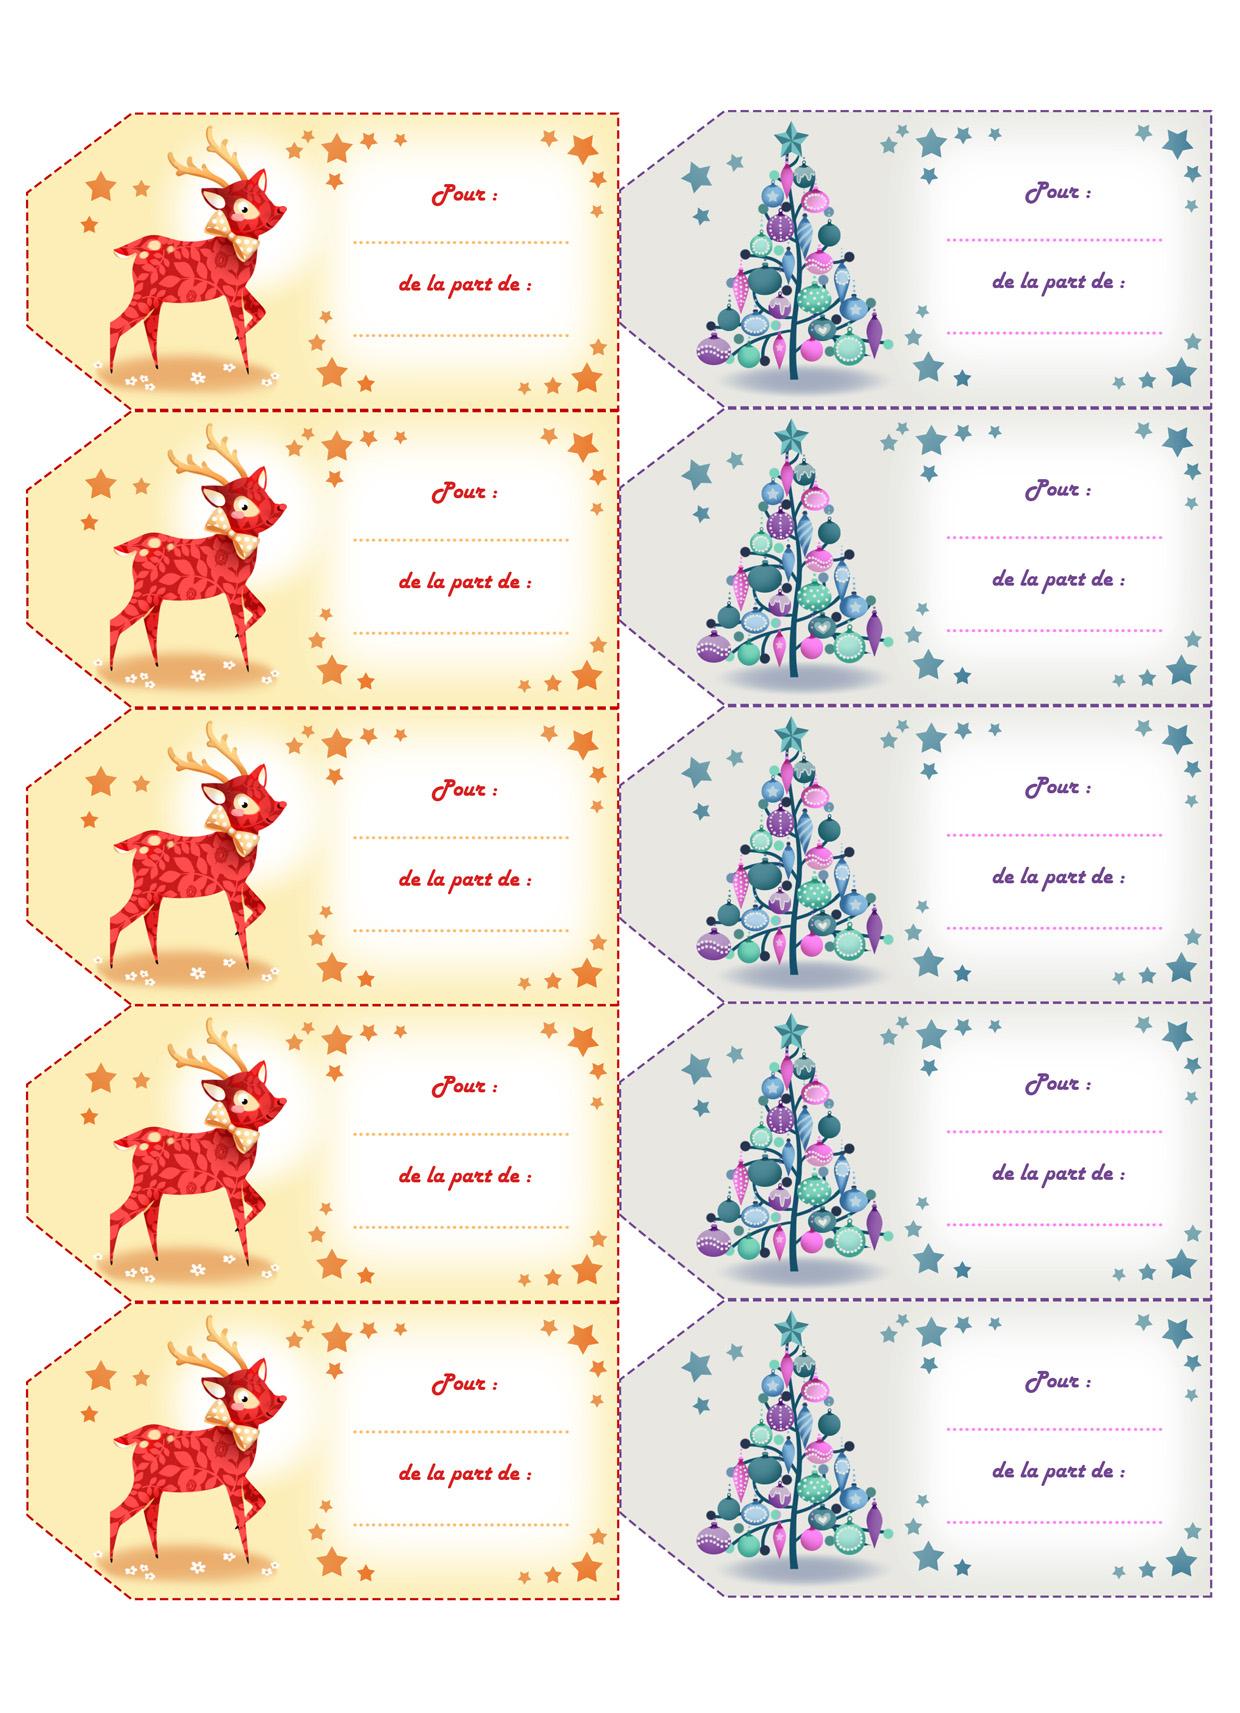 Astuce*° Des Étiquettes Pour Vos Cadeaux De Noël À Imprimer encequiconcerne Etiquette Pour Cadeau De Noel